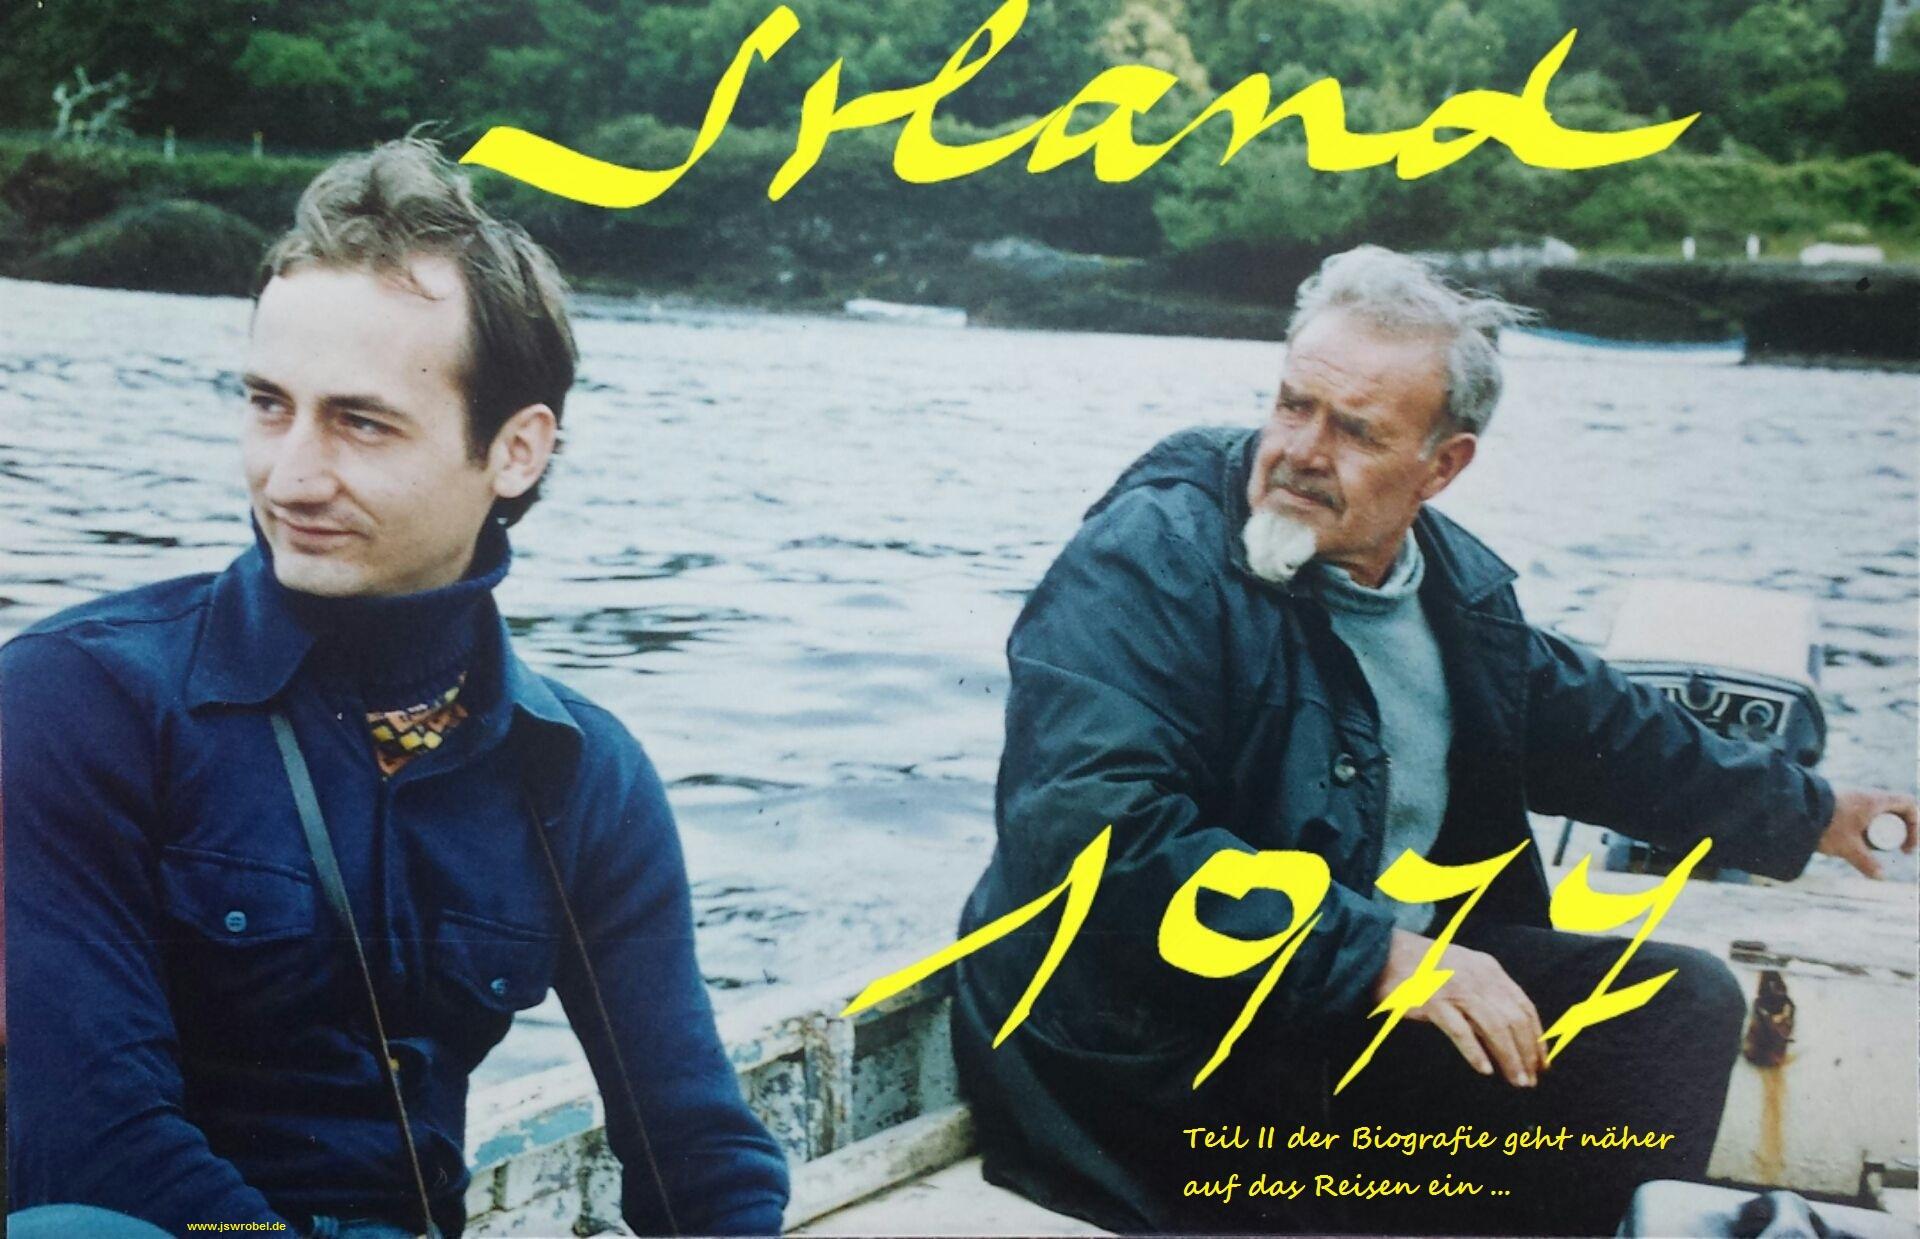 Wanderreise, Irland, Sommer 1977.